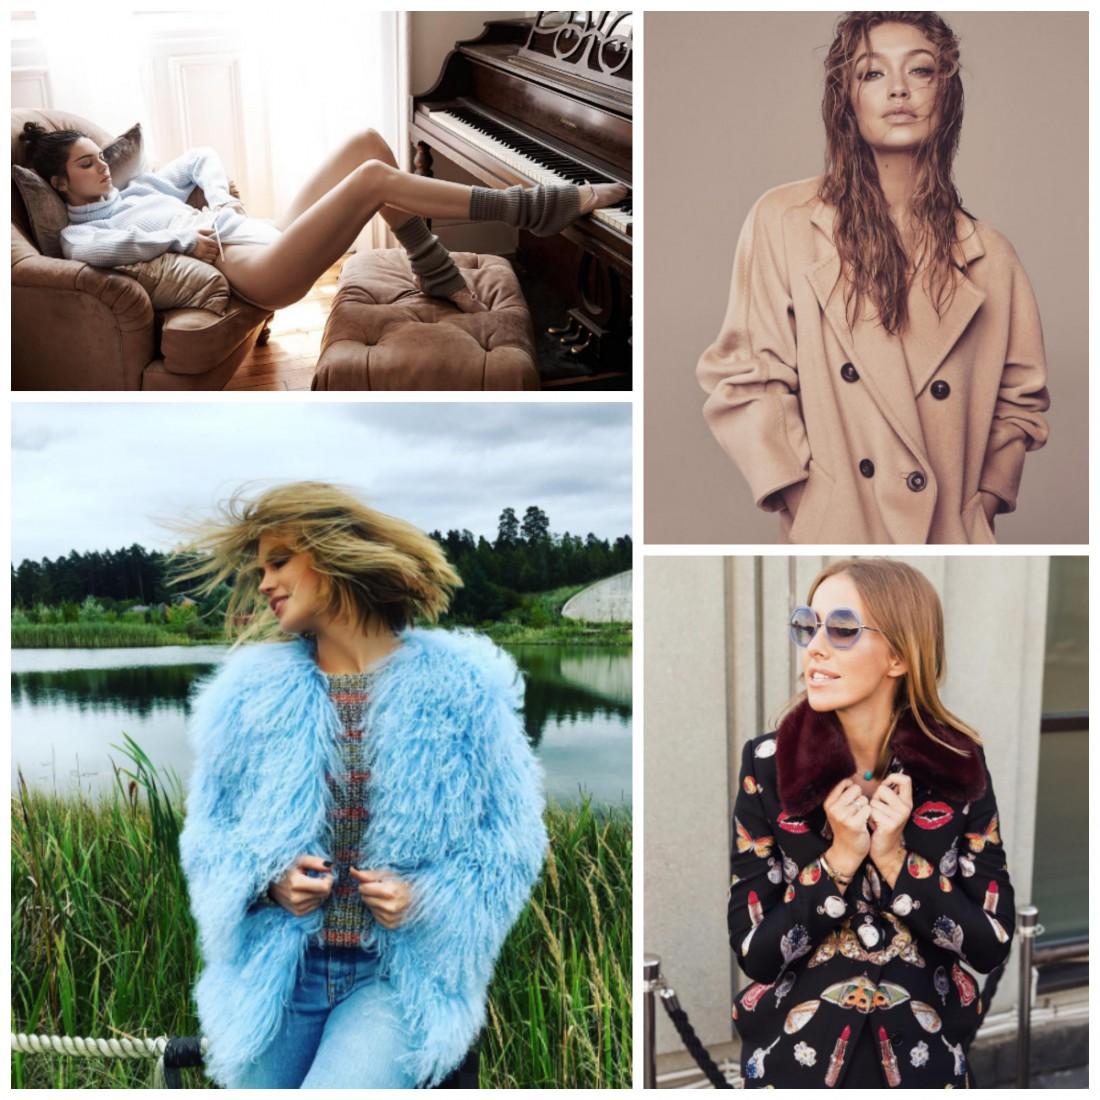 Лучшие снимки из Instagram звезд